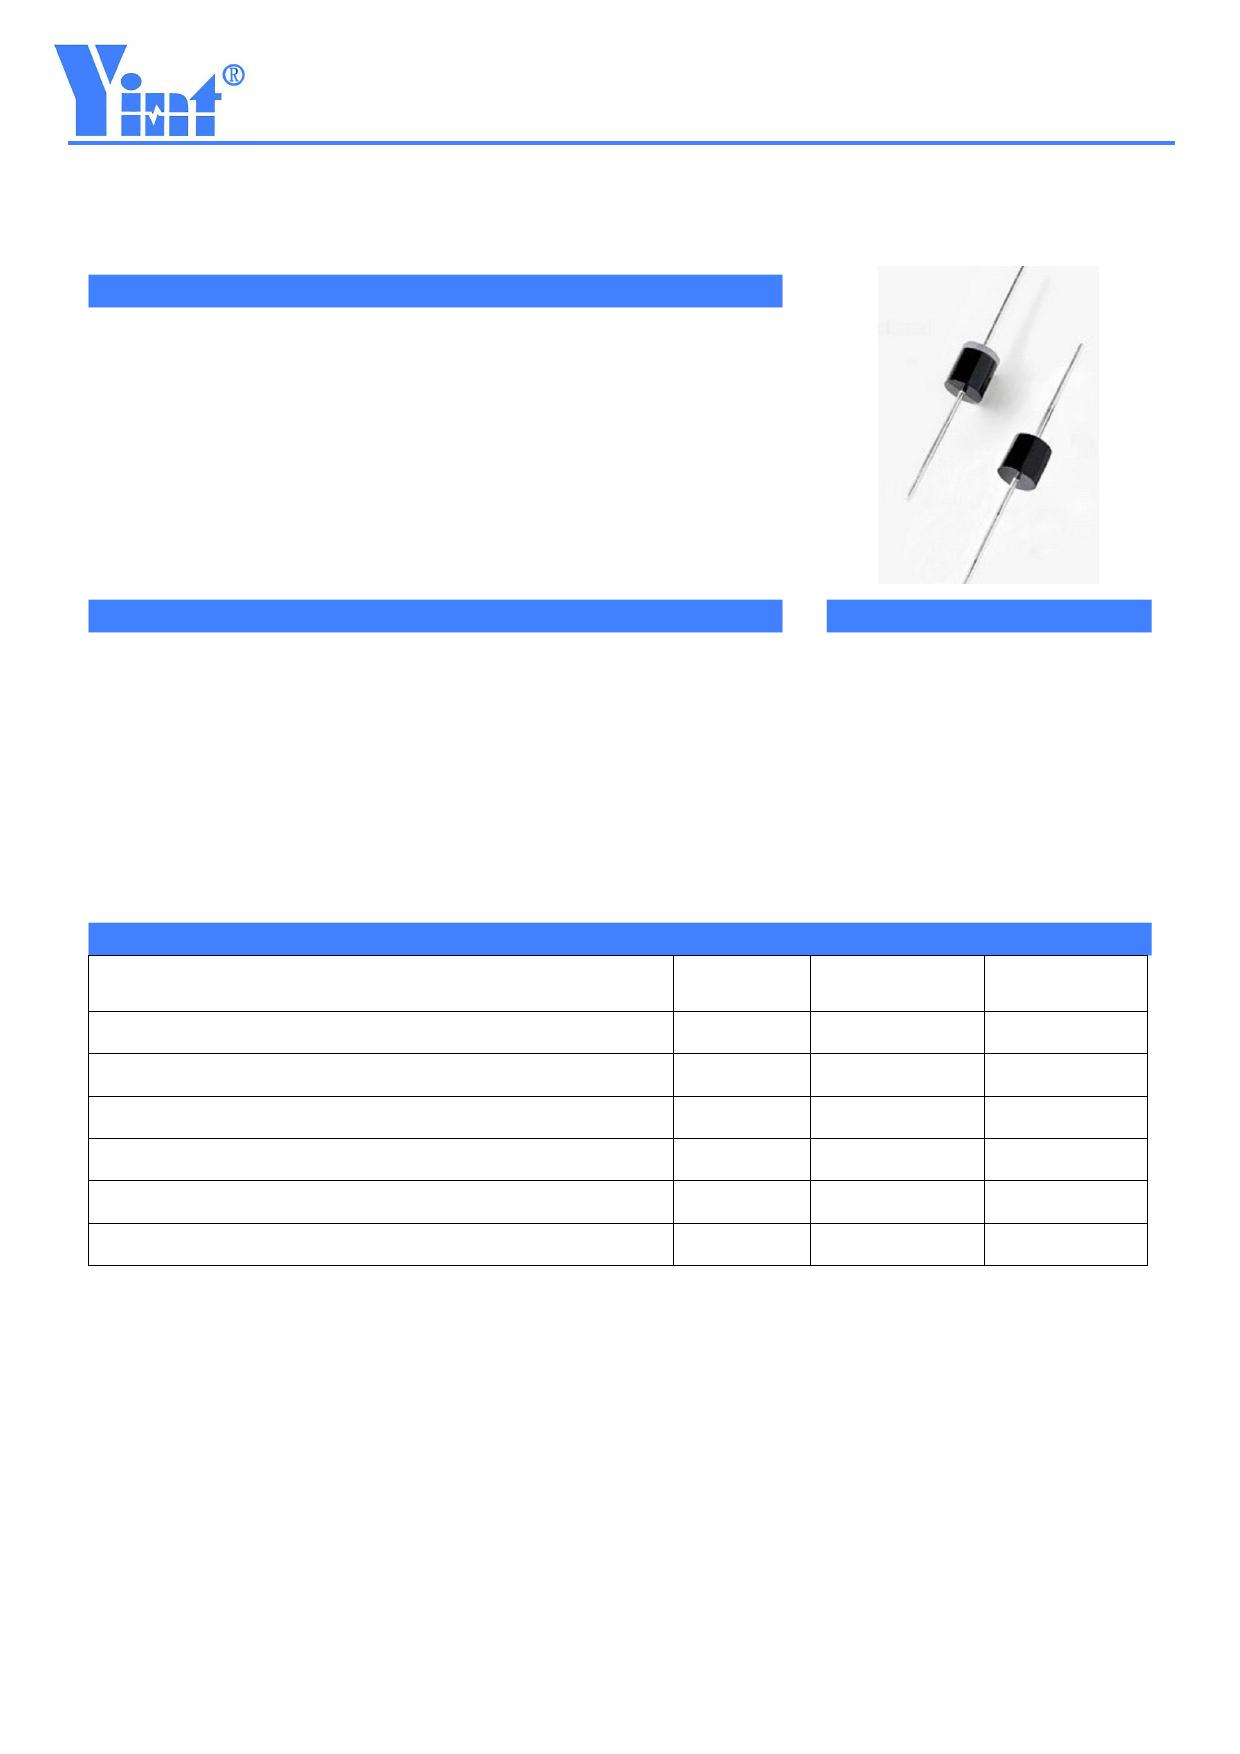 3.0KP120A datasheet